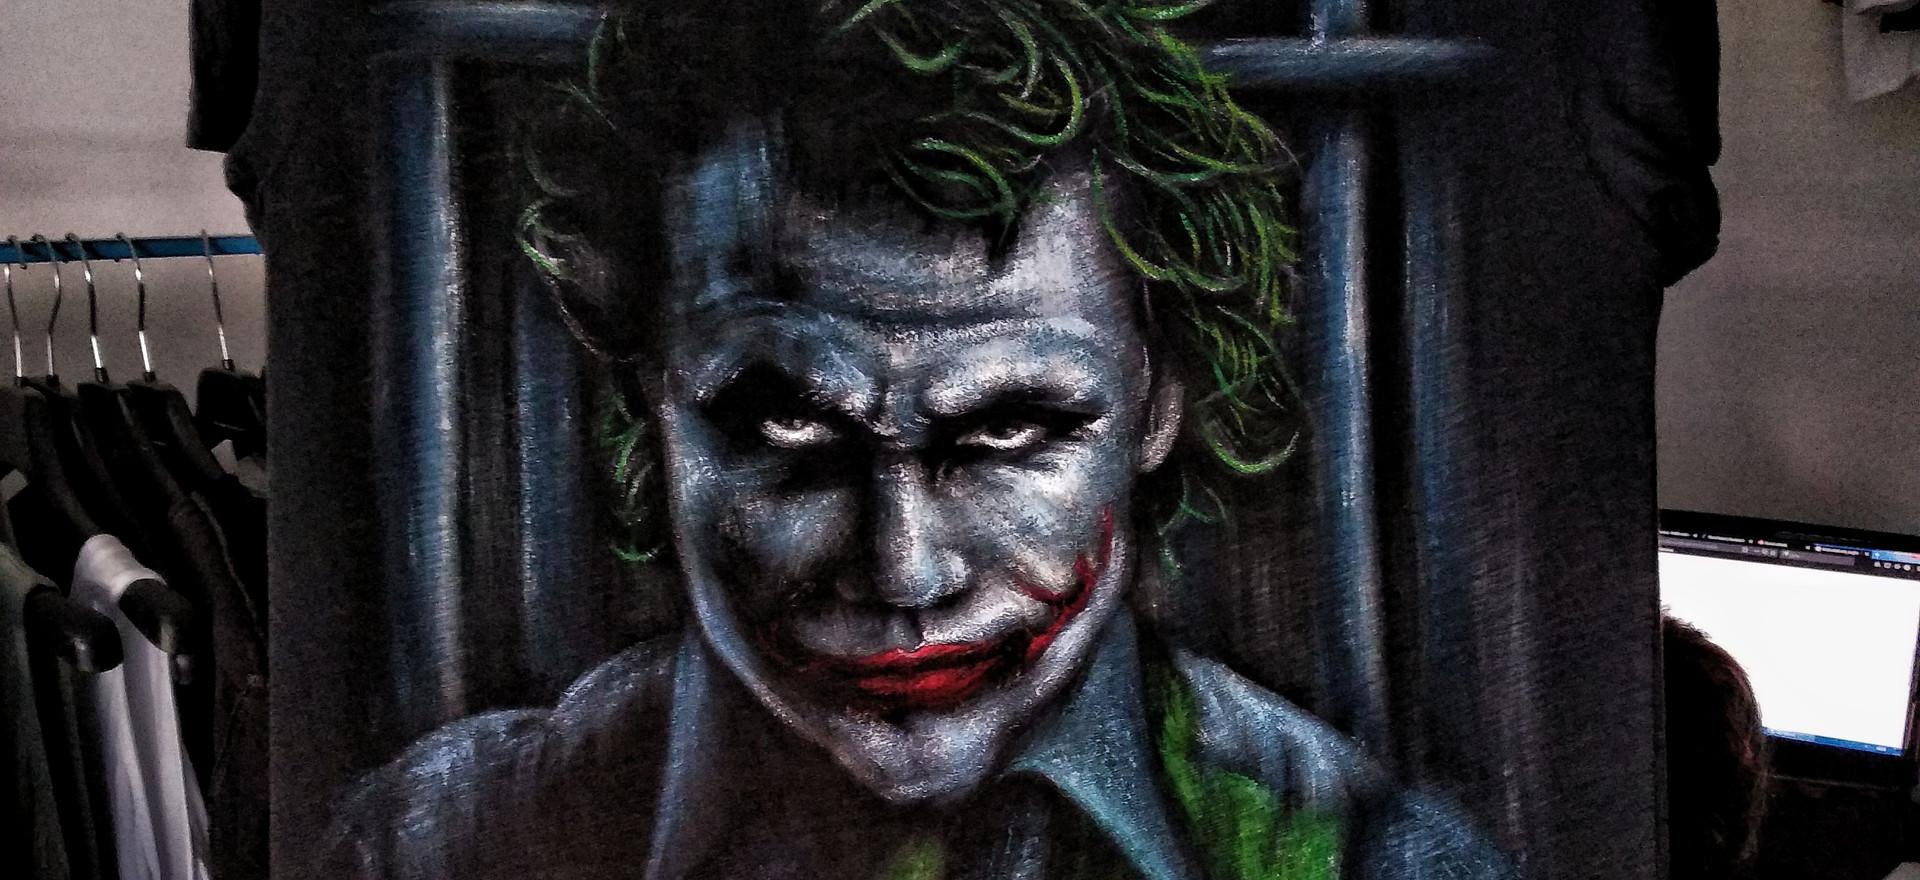 Joker_A_T Shirt dipinta a mano.jpg